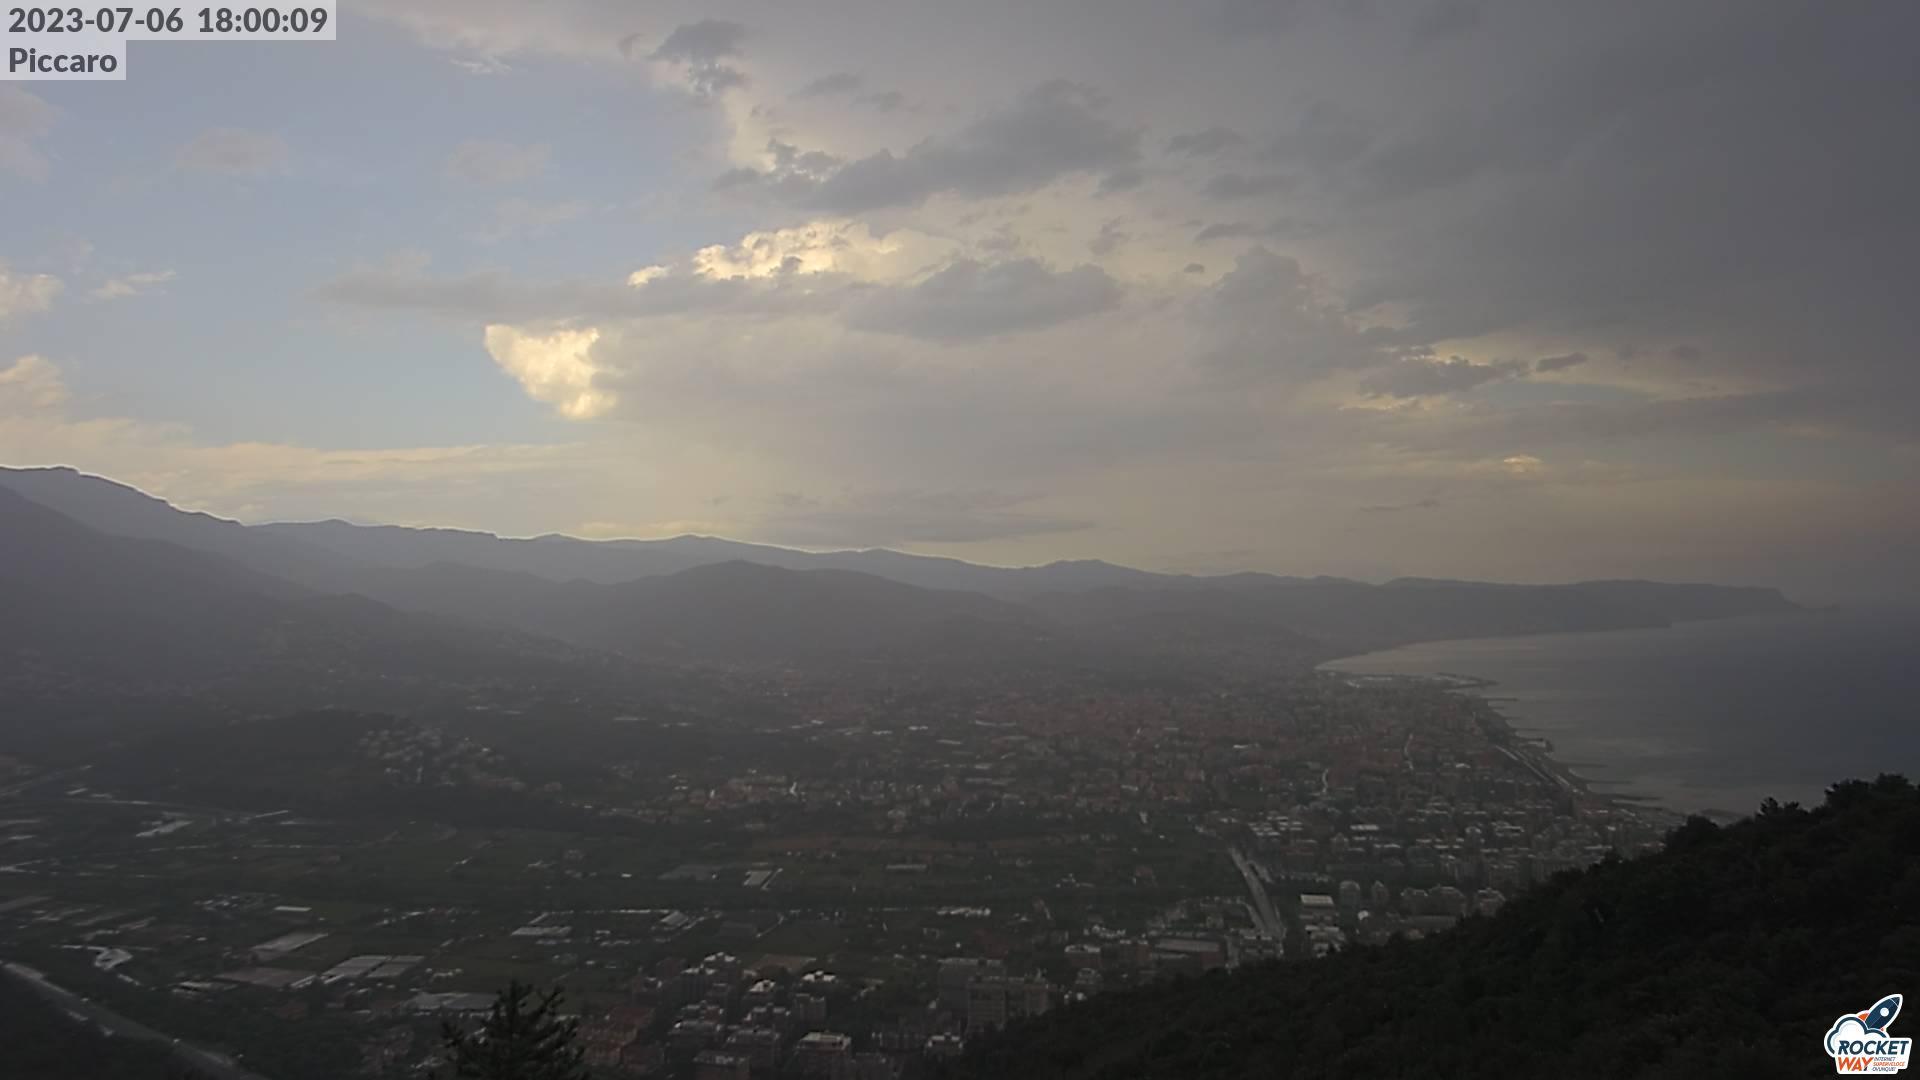 Vista dal Monte Piccaro - immagine da webcam